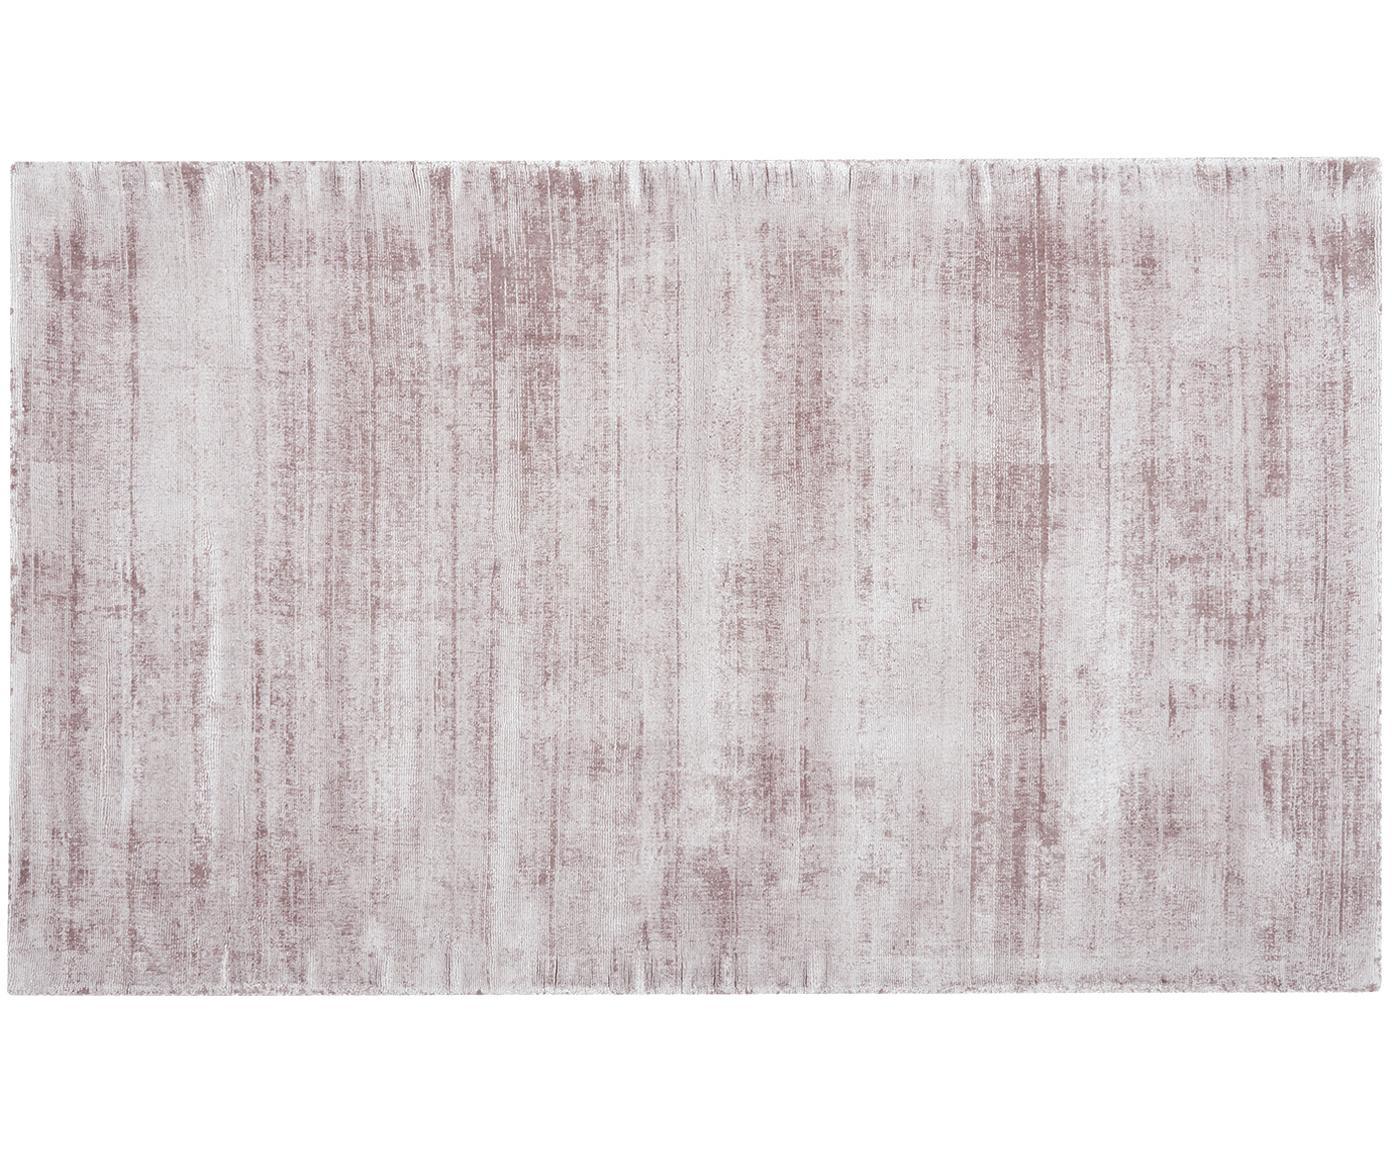 Handgewebter Viskoseteppich Jane in Flieder, Flor: 100% Viskose, Flieder, B 90 x L 150 cm (Größe XS)